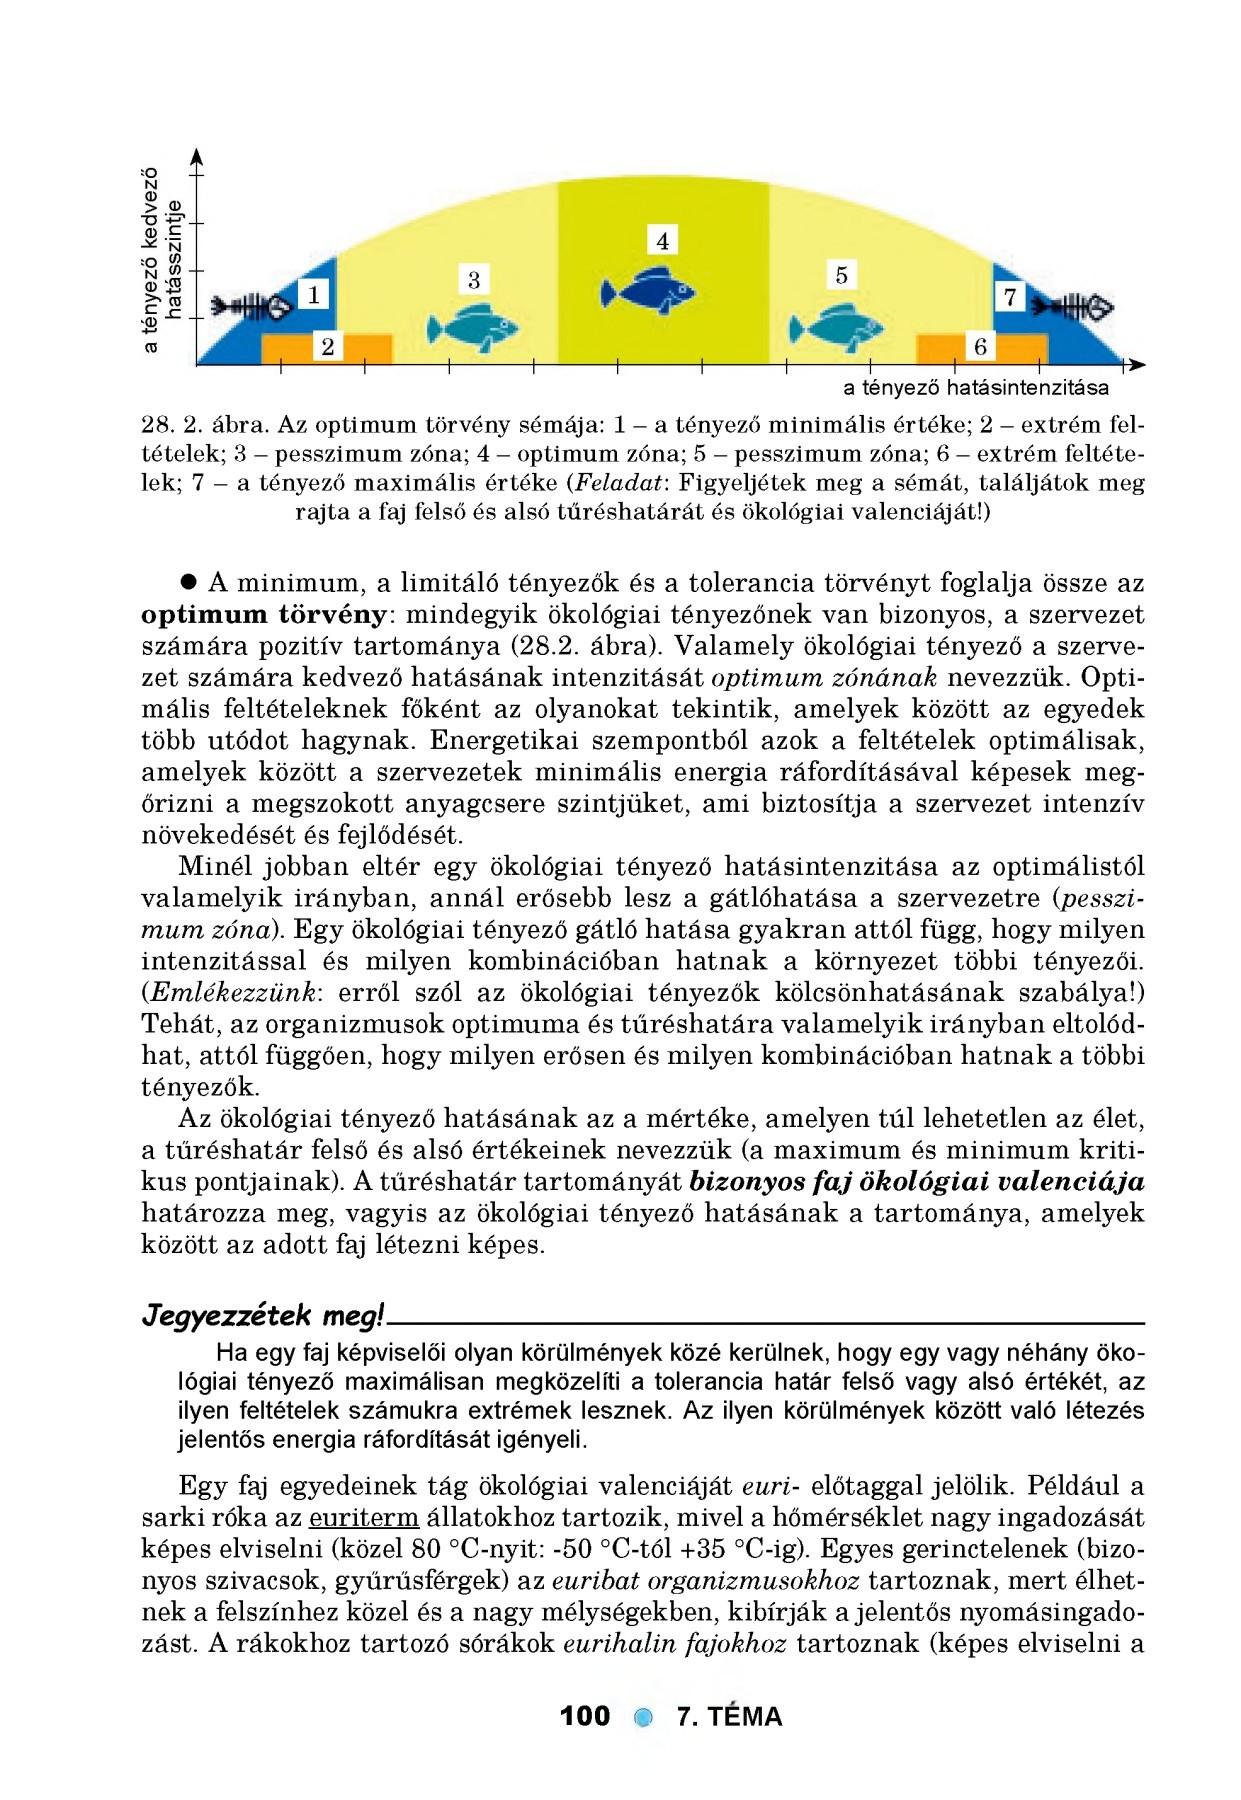 Monastikus parazitaellenes tea - összetétel és értékelés - Szövődmények July